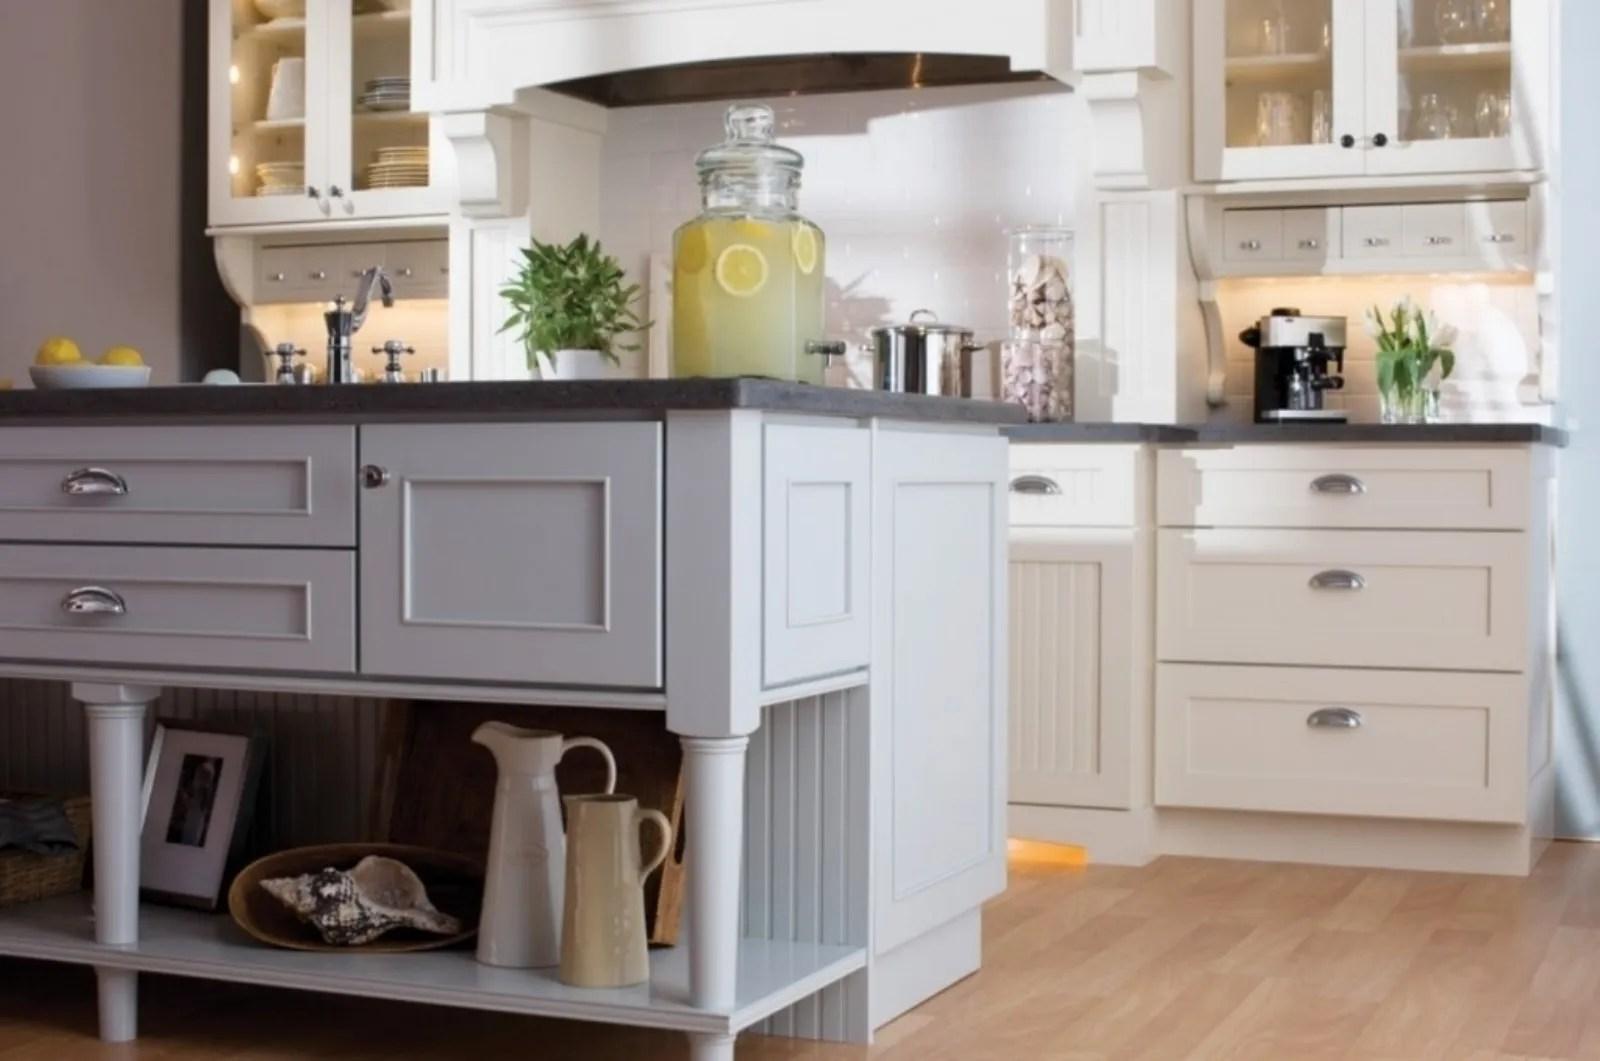 4.3 cucine shabby chic di colore bianco ester di aurora; Cucina Shabby Chic